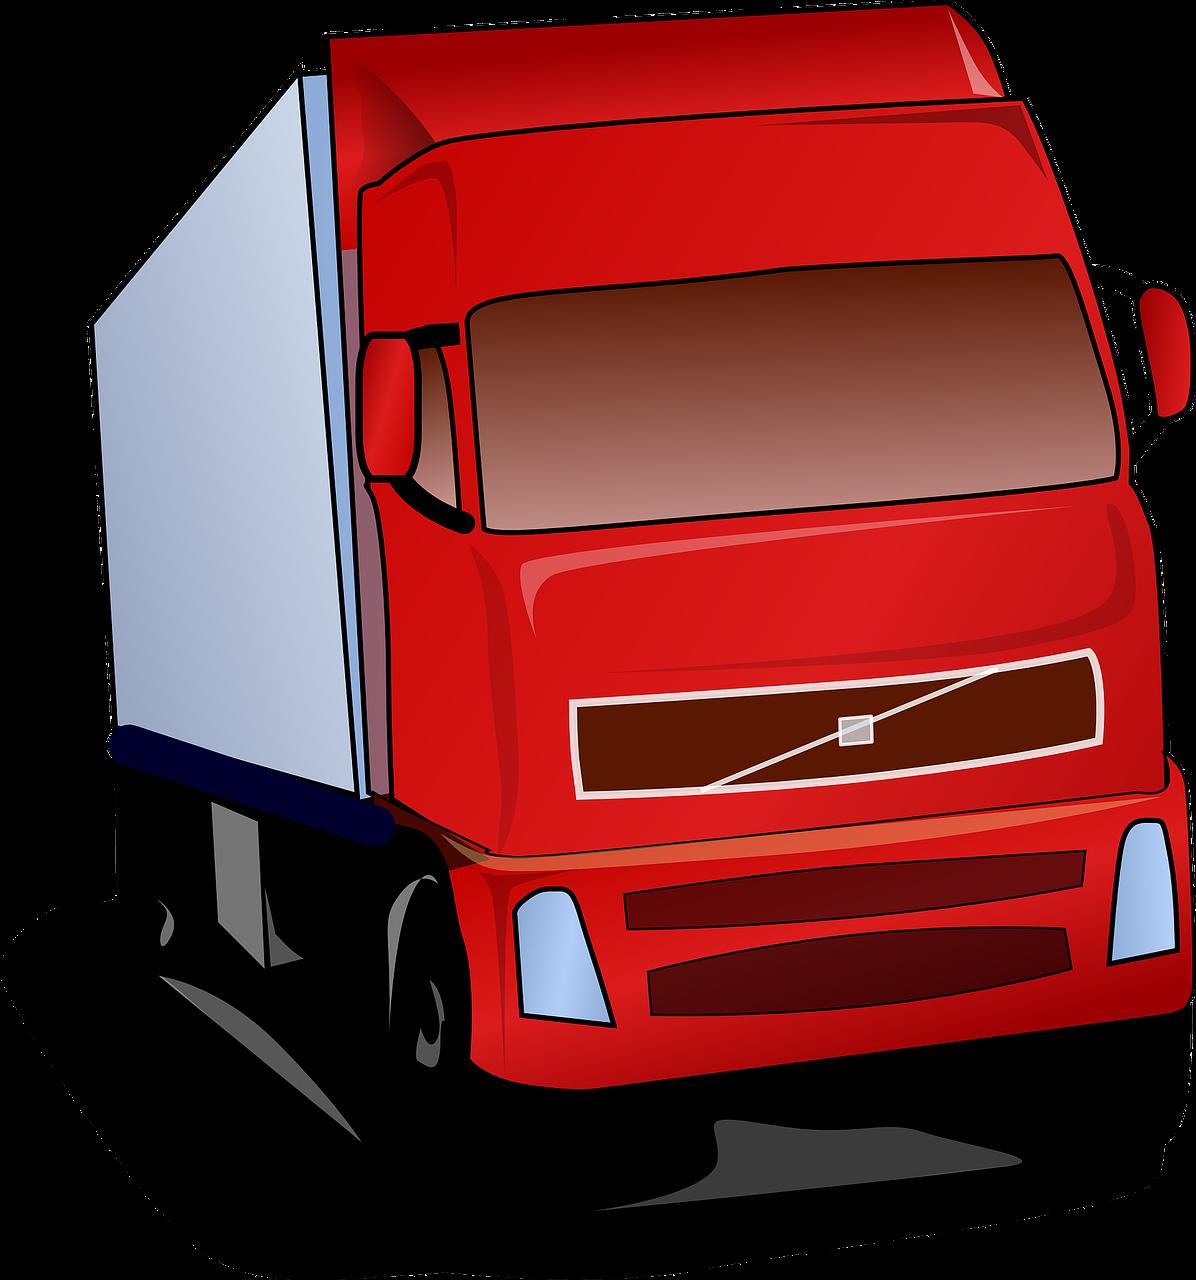 Pojęcie i znaczenie logistyki – logistyka pojęcie oraz znaczenie